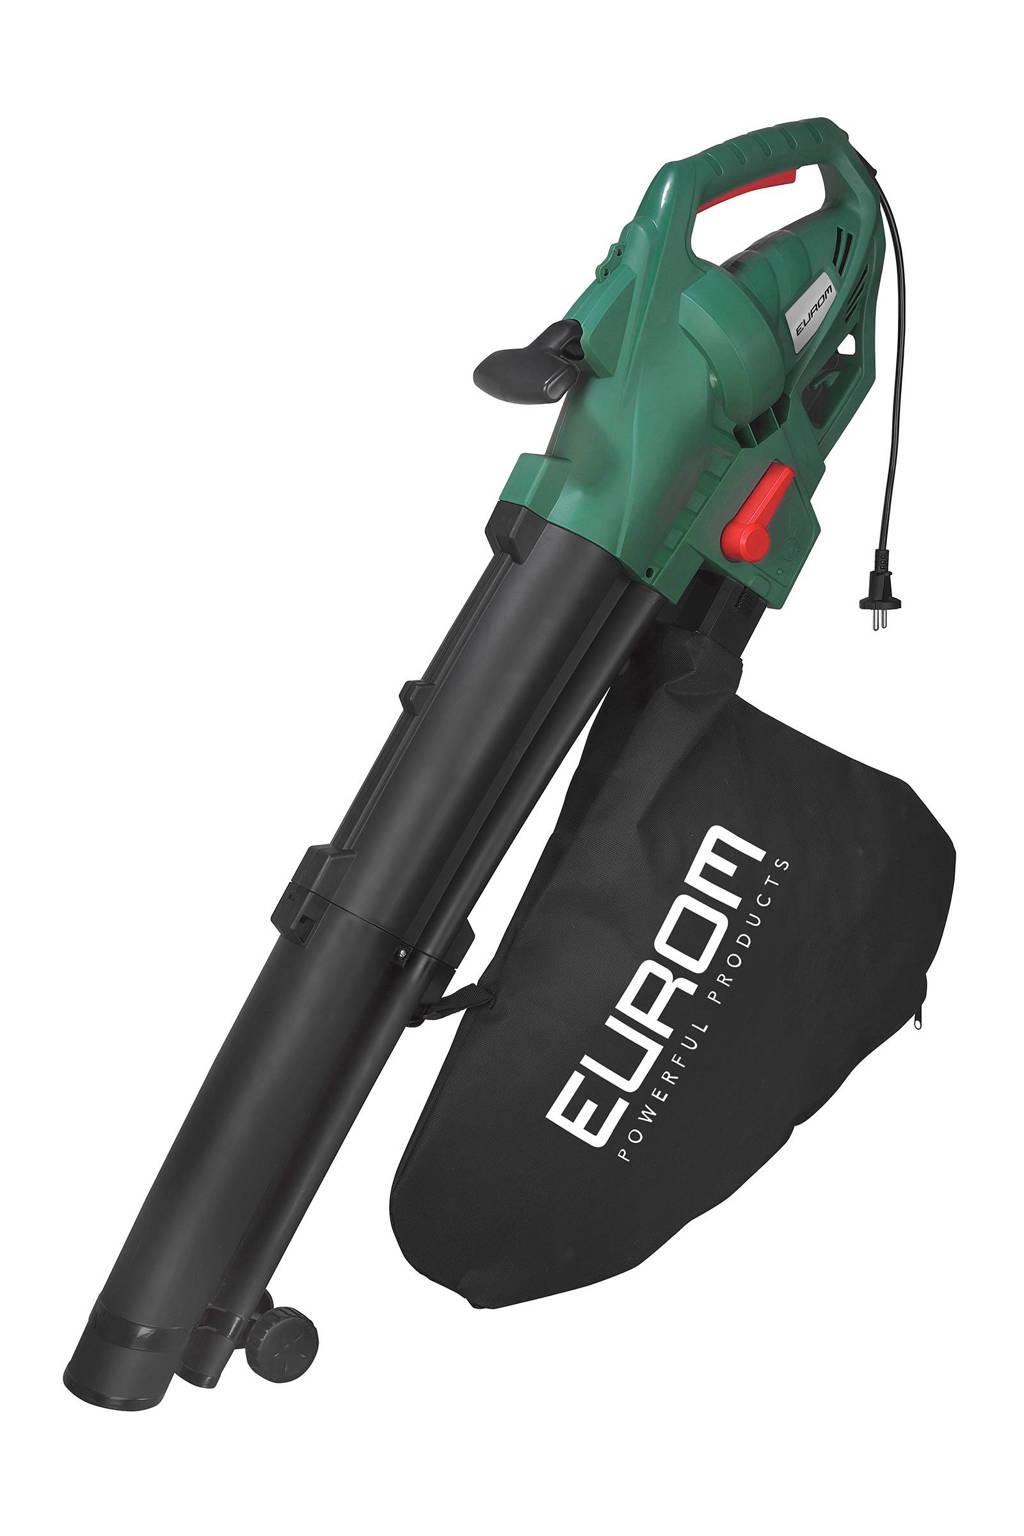 Eurom Gardencleaner 3000 elektrische bladblazer